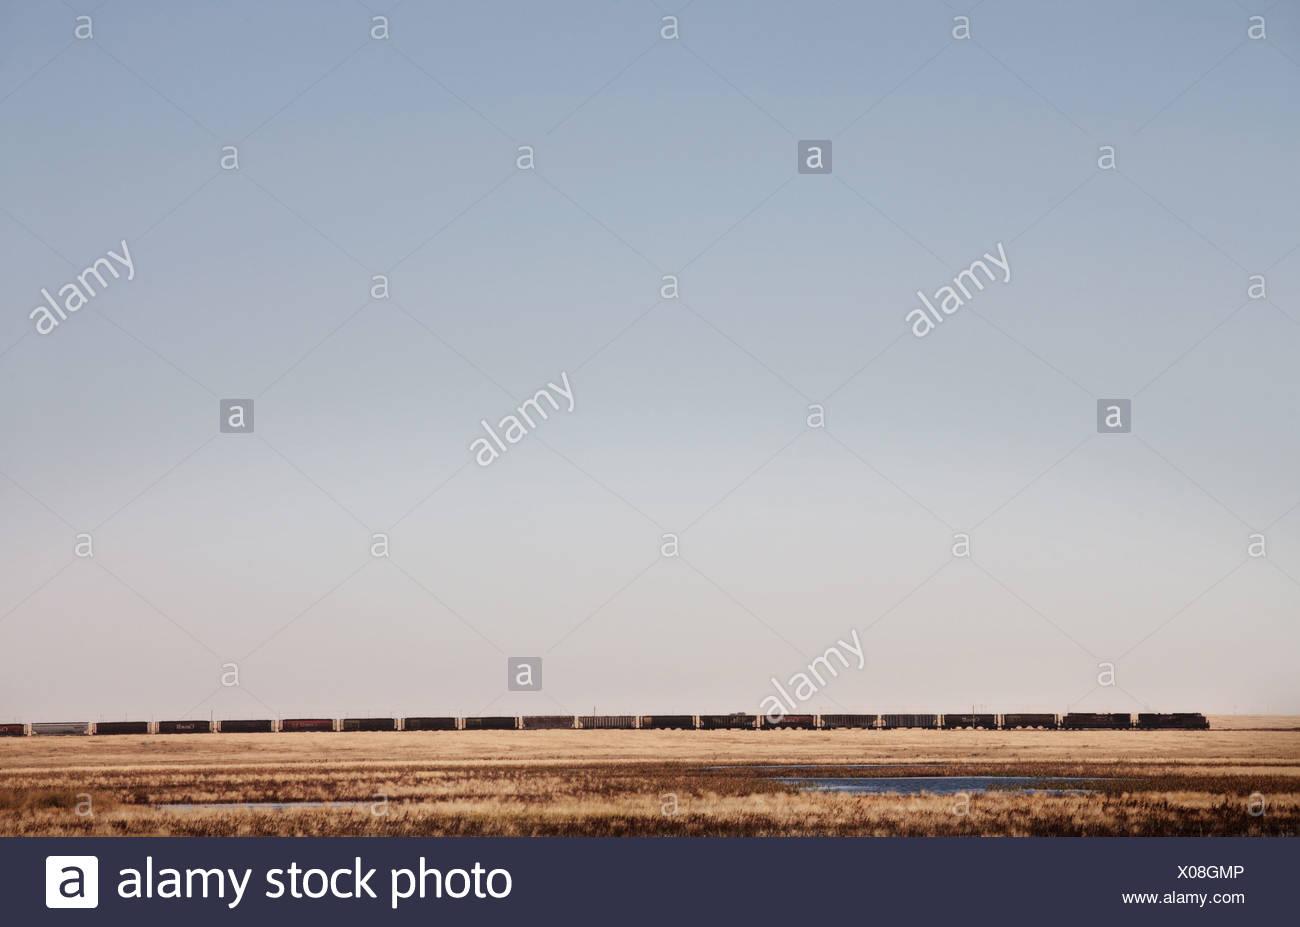 Un train roule dans les prairies canadiennes dans le sud de l'Alberta. Photo Stock